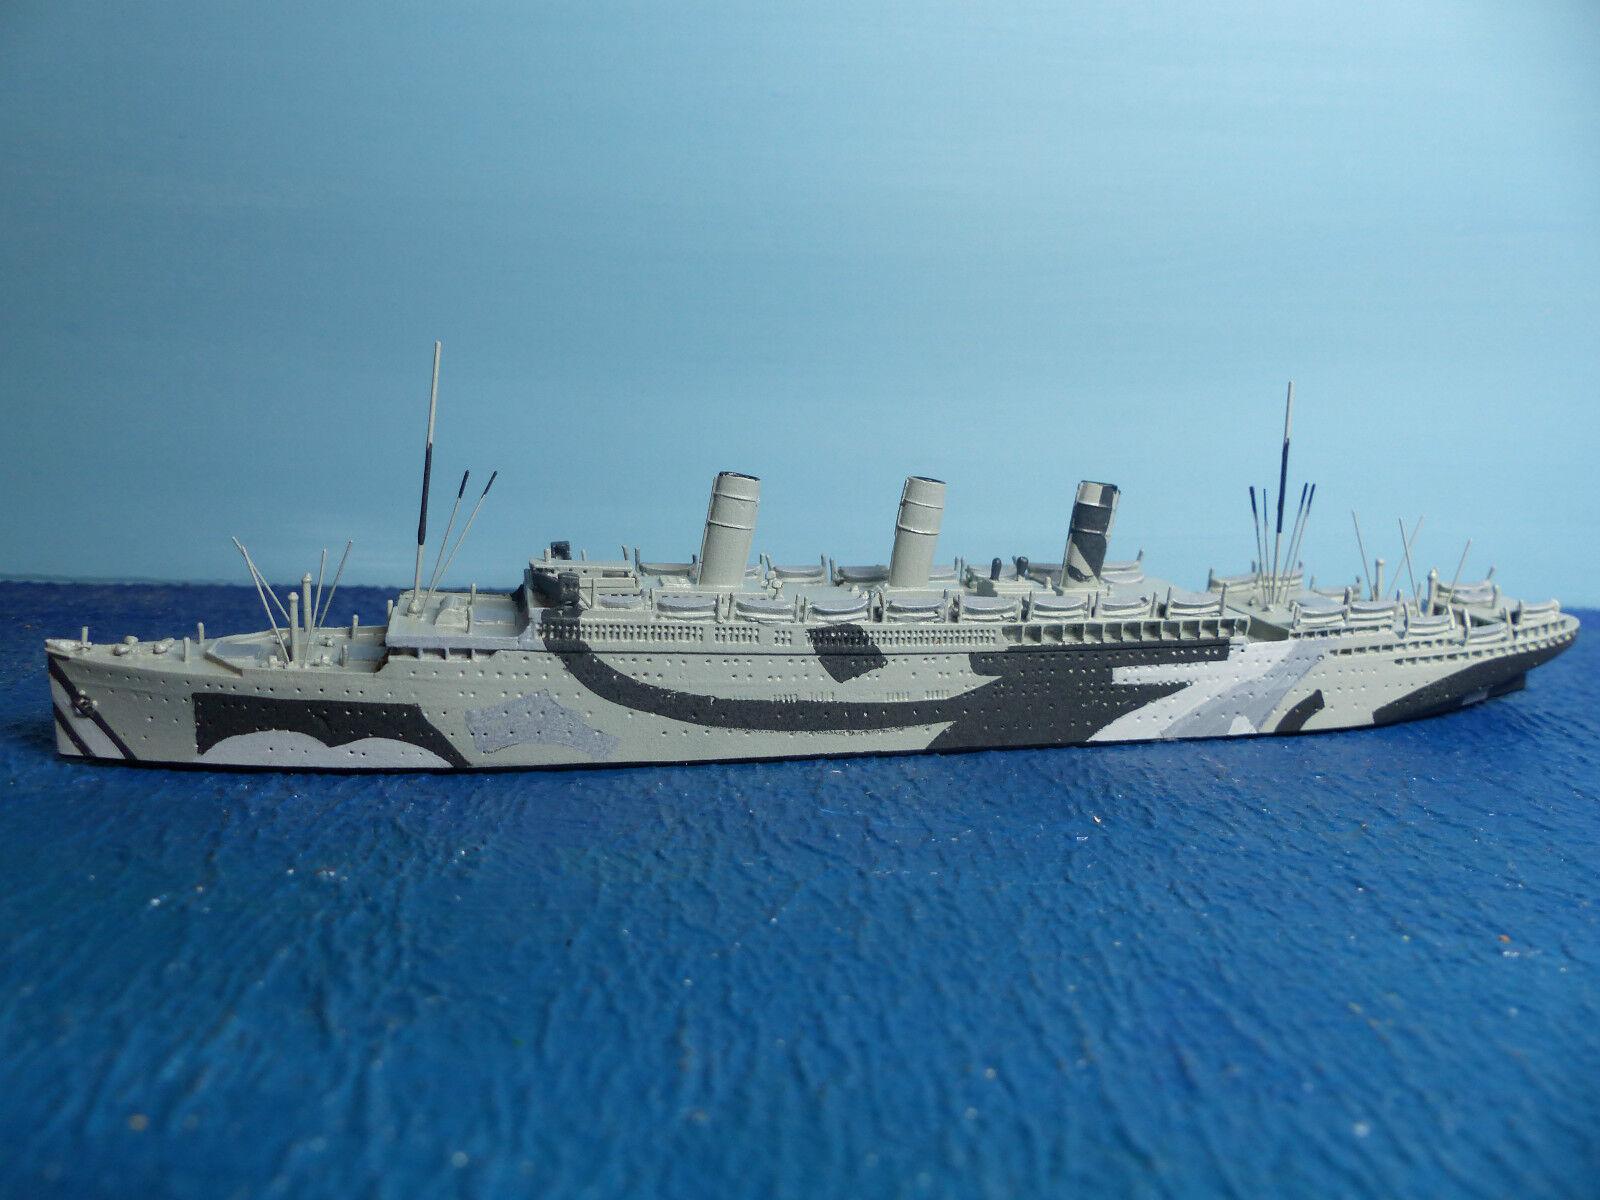 Cm navire 1 1250 Go. troupes Transporteur  Justicia  cm P 38 neuf dans sa boîte